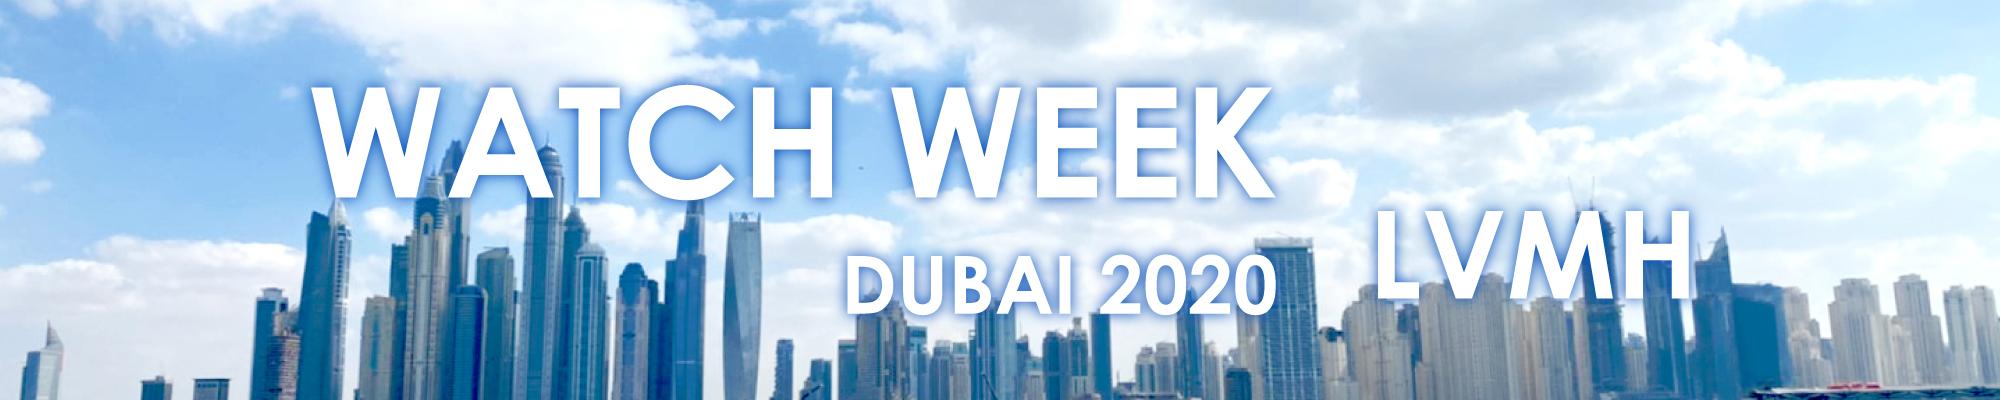 watch_week2020_2000_400